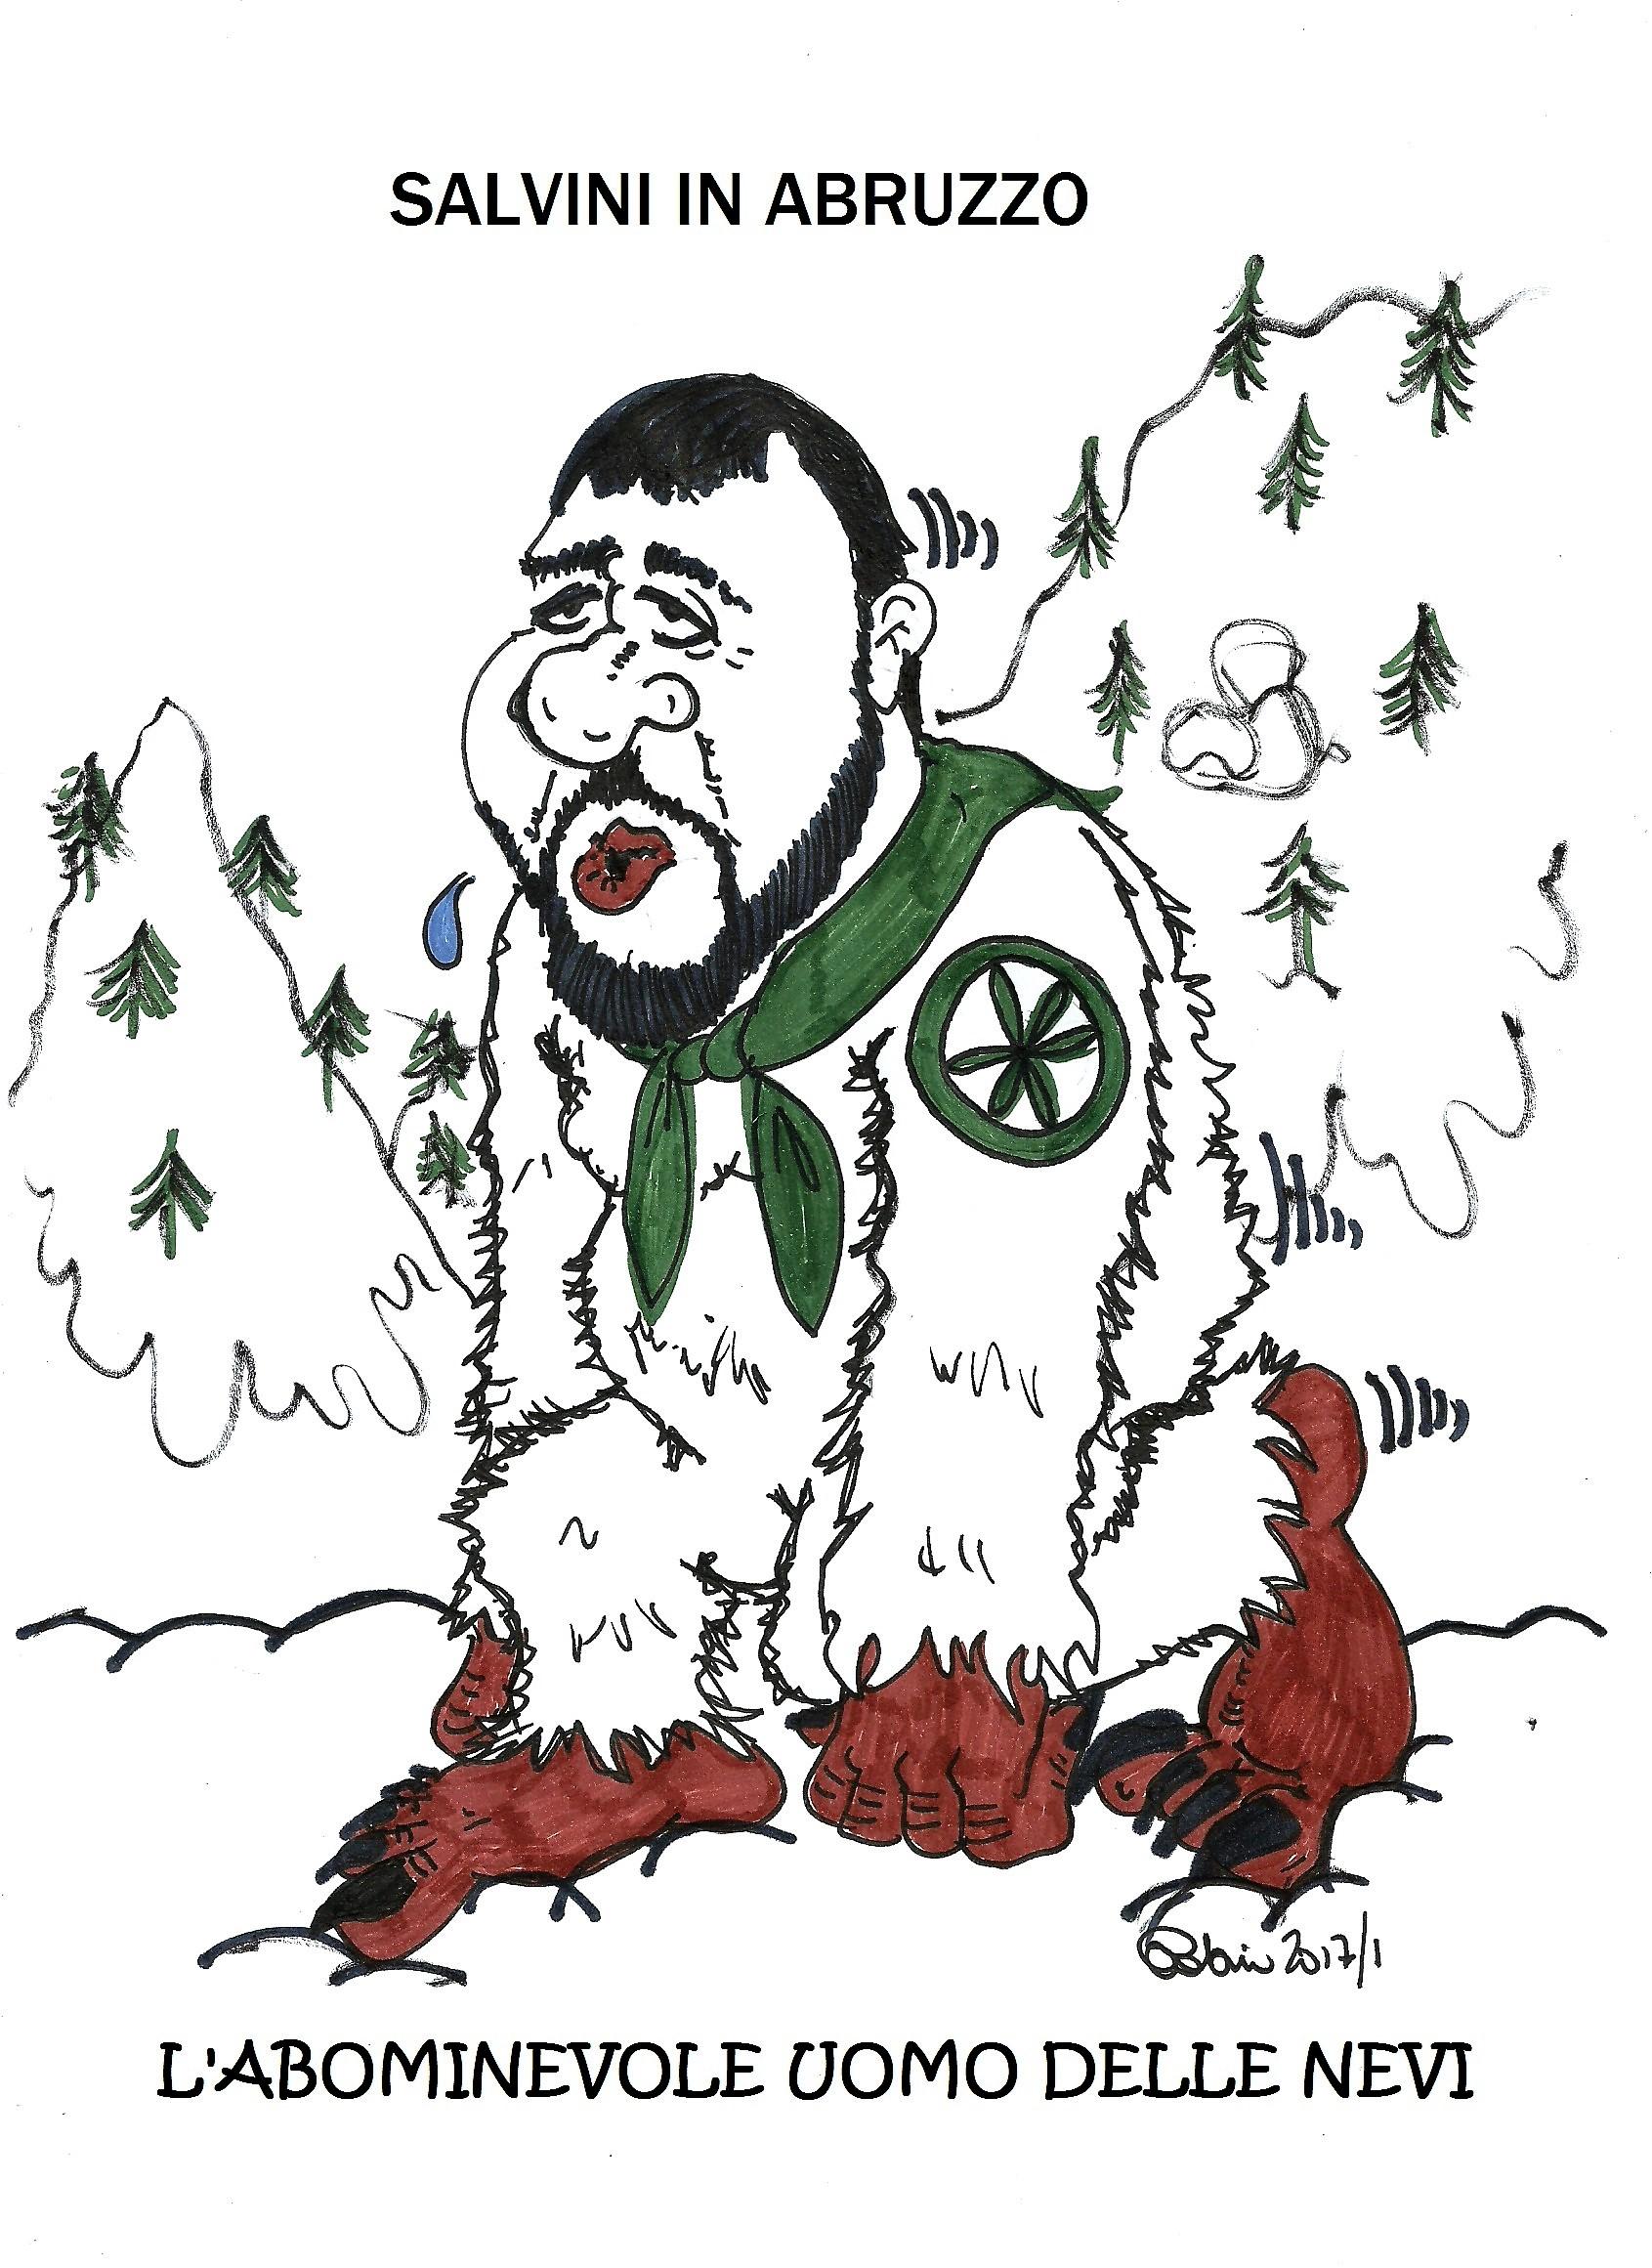 Salvini in Abruzzo